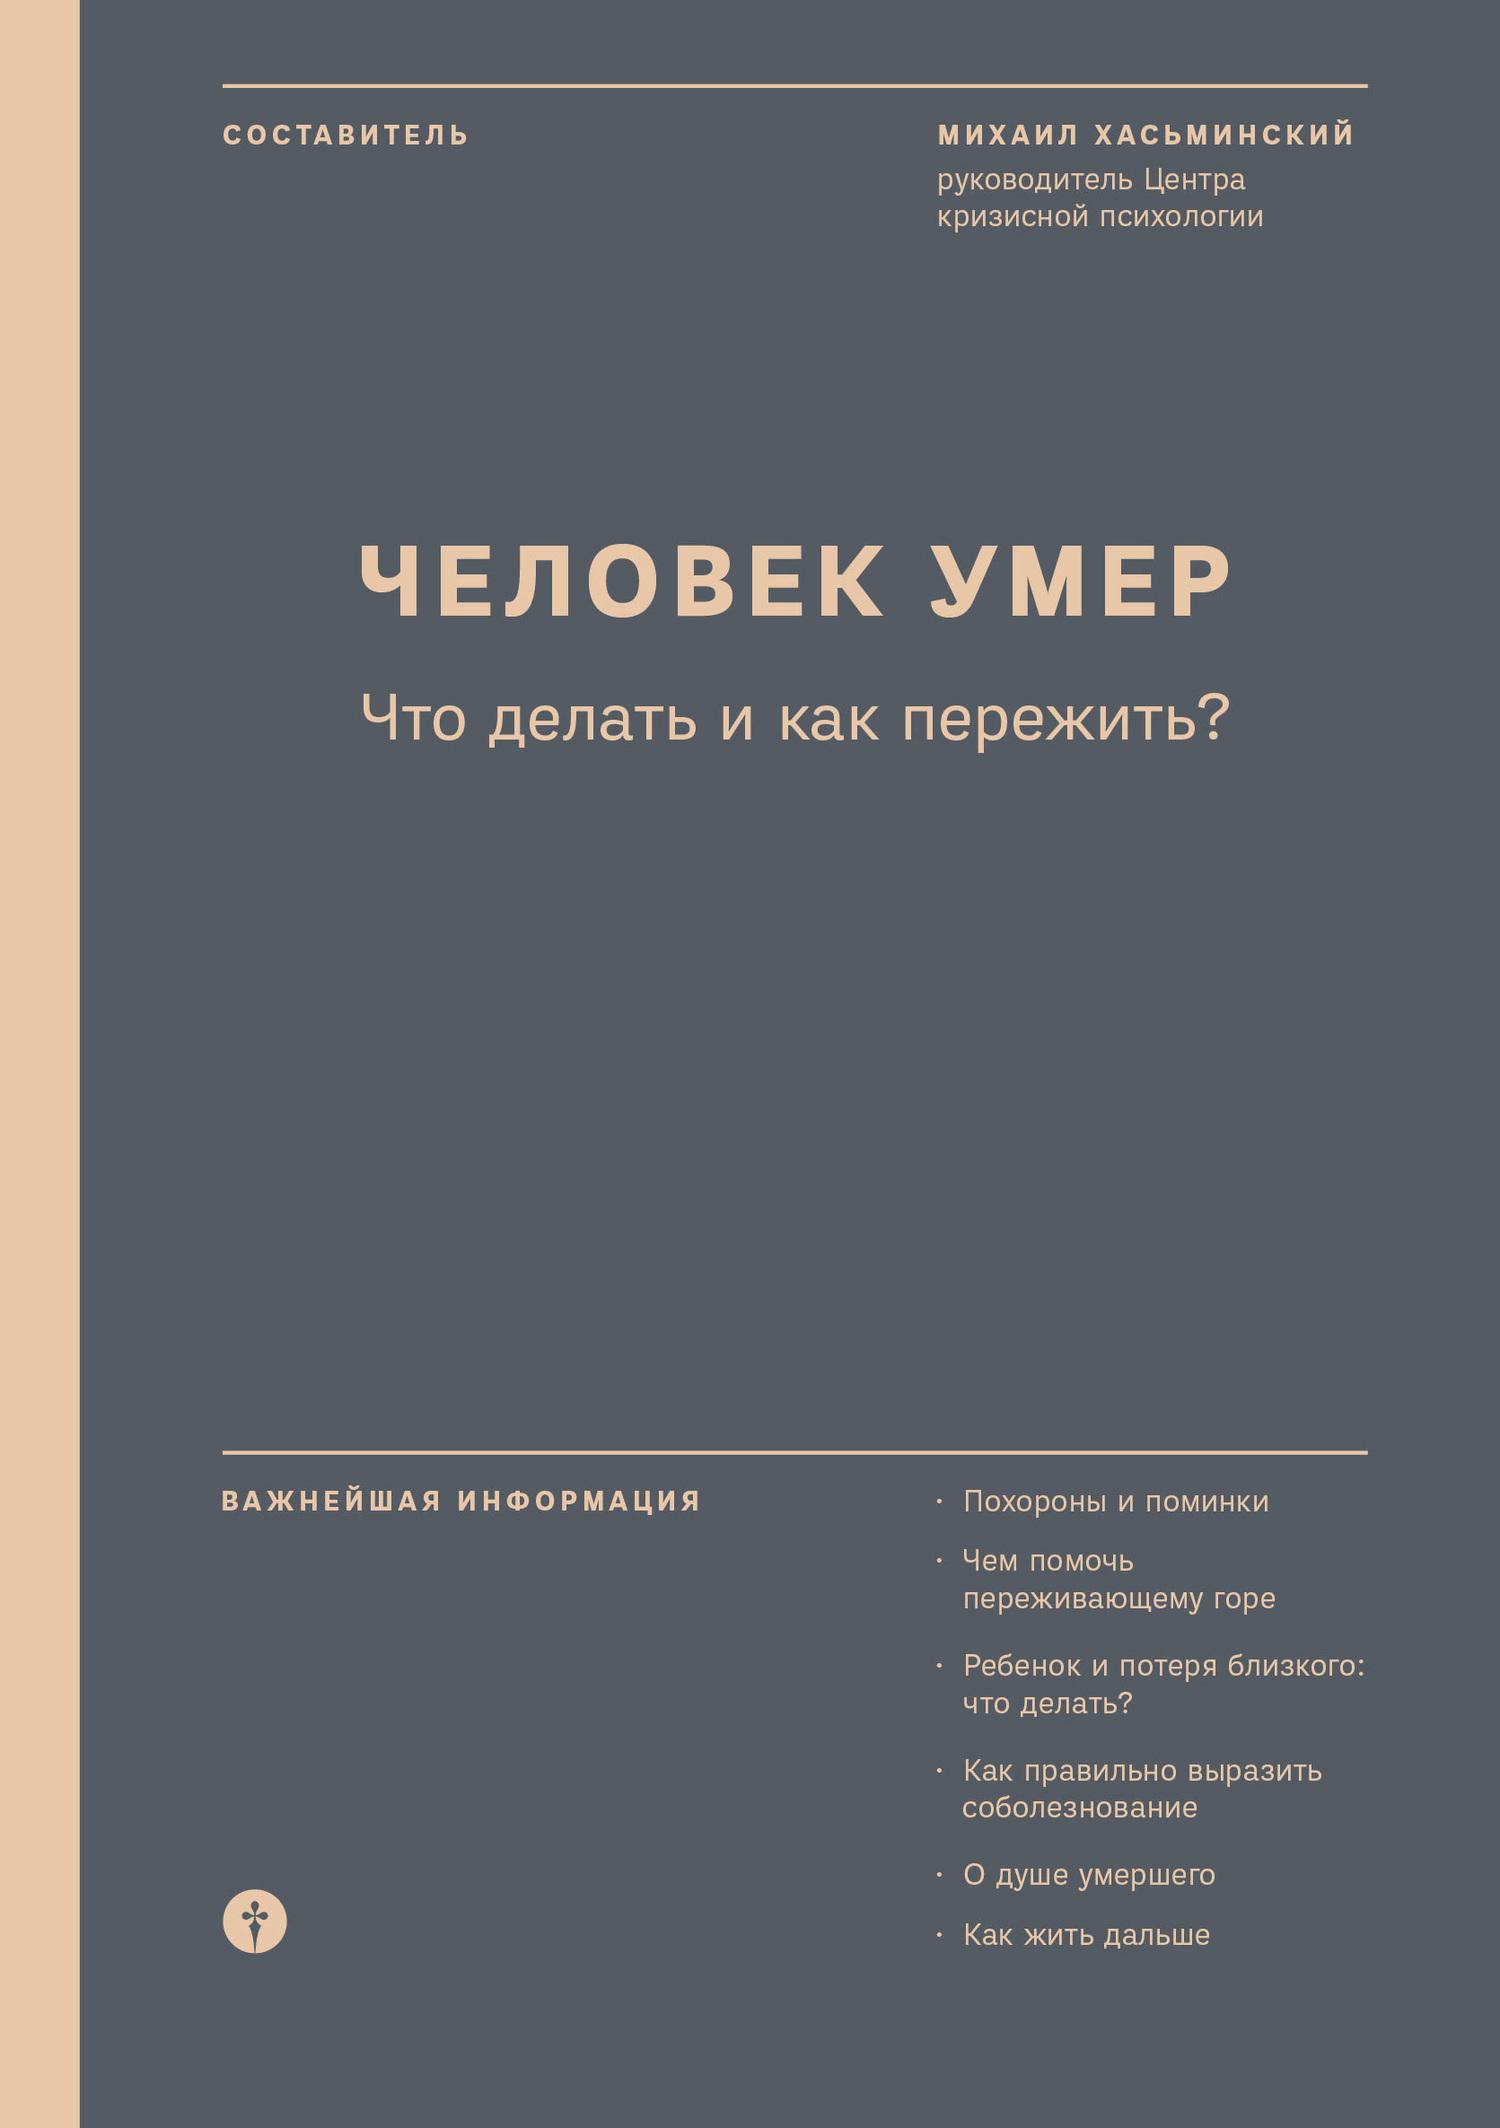 Коллектив авторов, Михаил Хасьминский «Человек умер. Что делать и как пережить?»